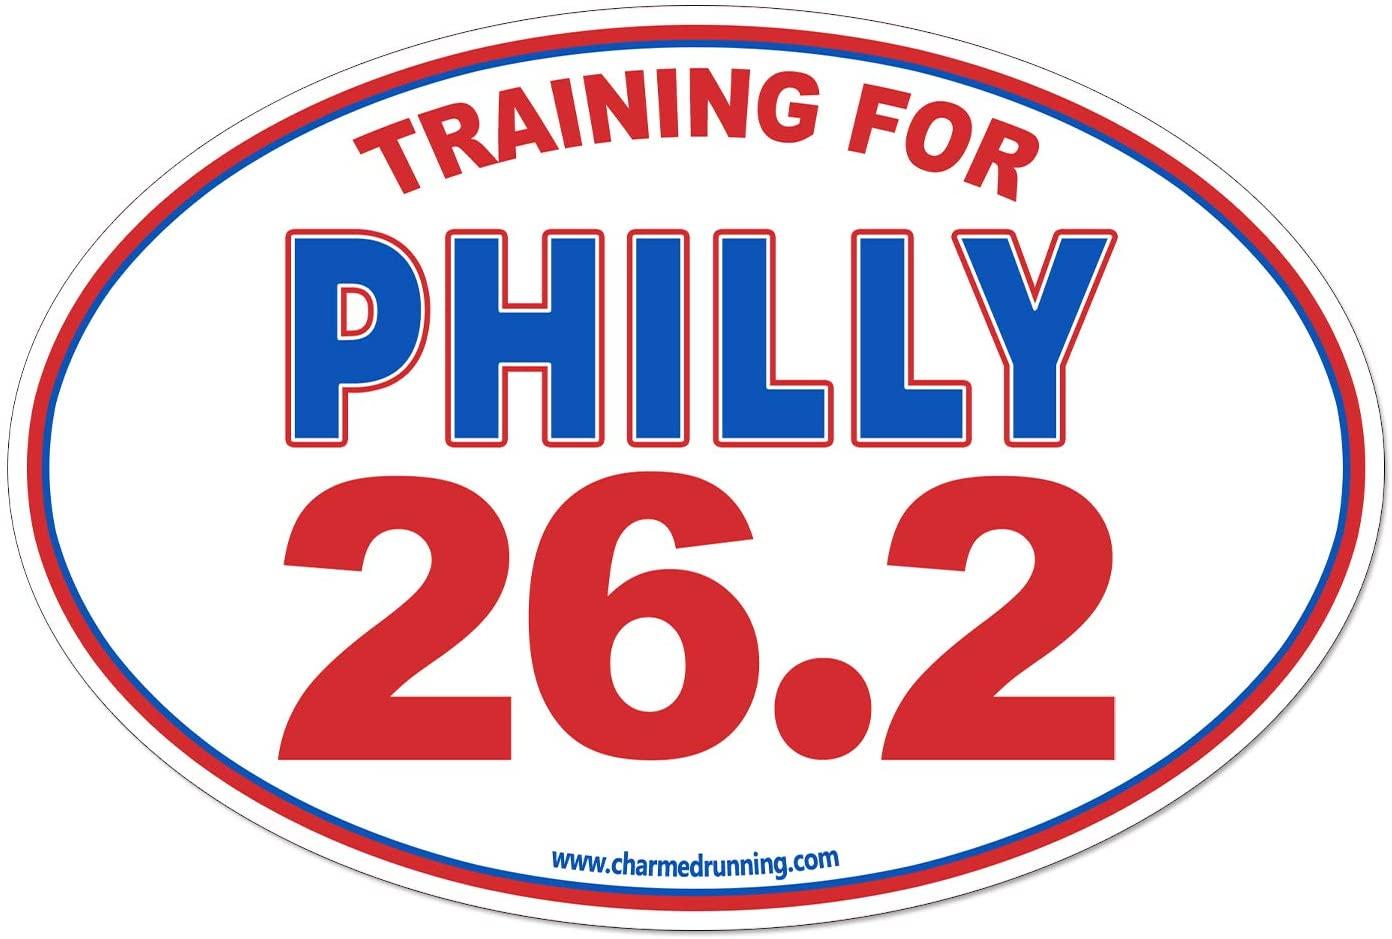 Charmed Running Training For Philly Philadelphia Marathon 26.2 Car Magnet